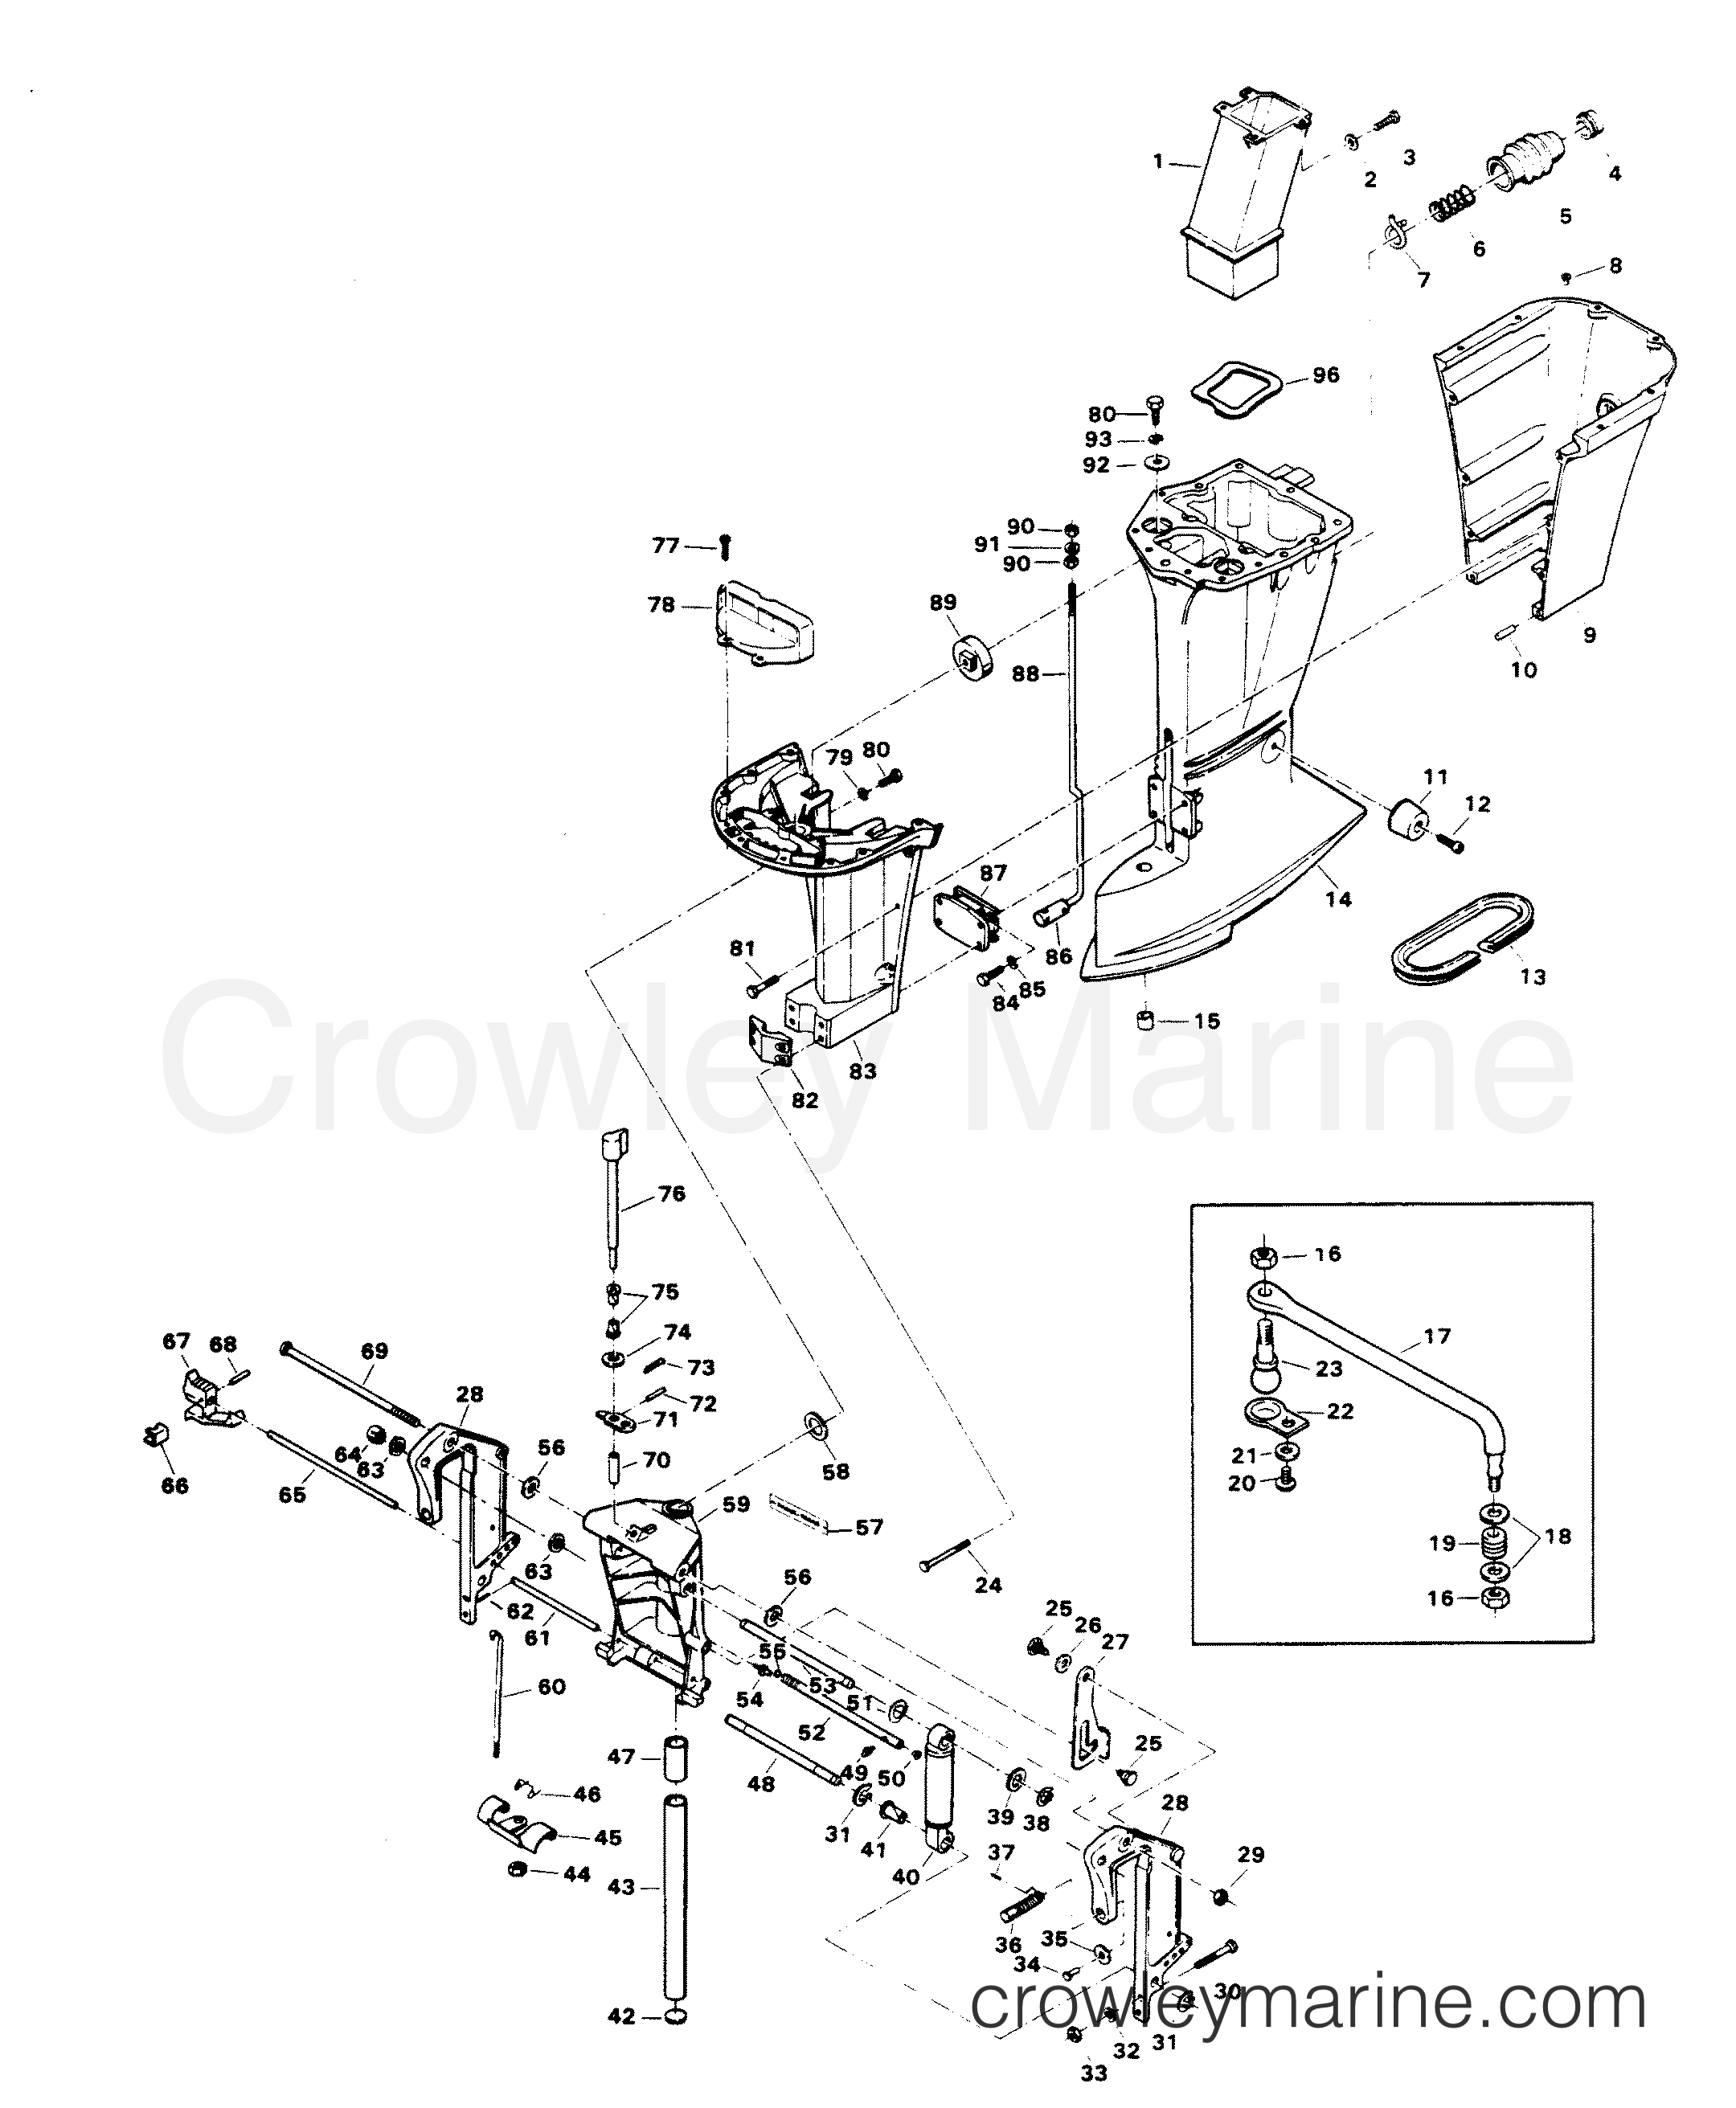 1982 Chrysler Outboard 140 - 1408B2D - MOTOR LEG